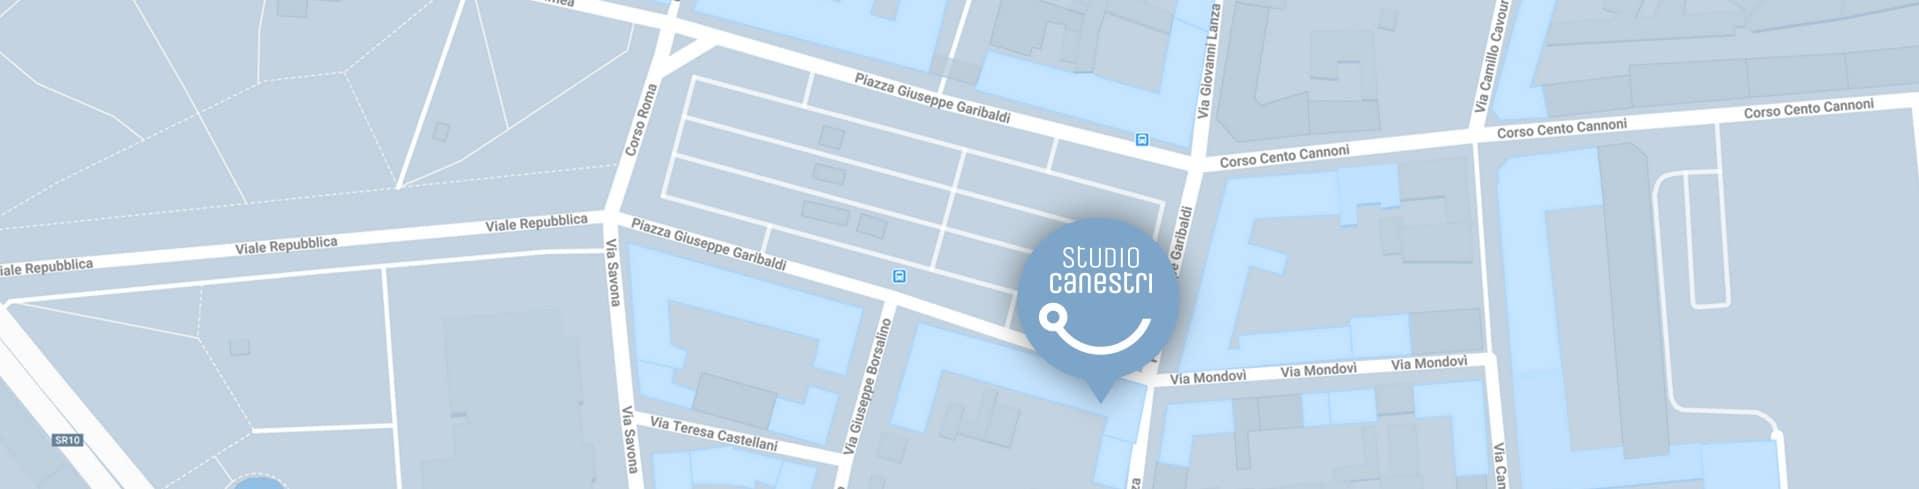 Mappa Studio Canestri